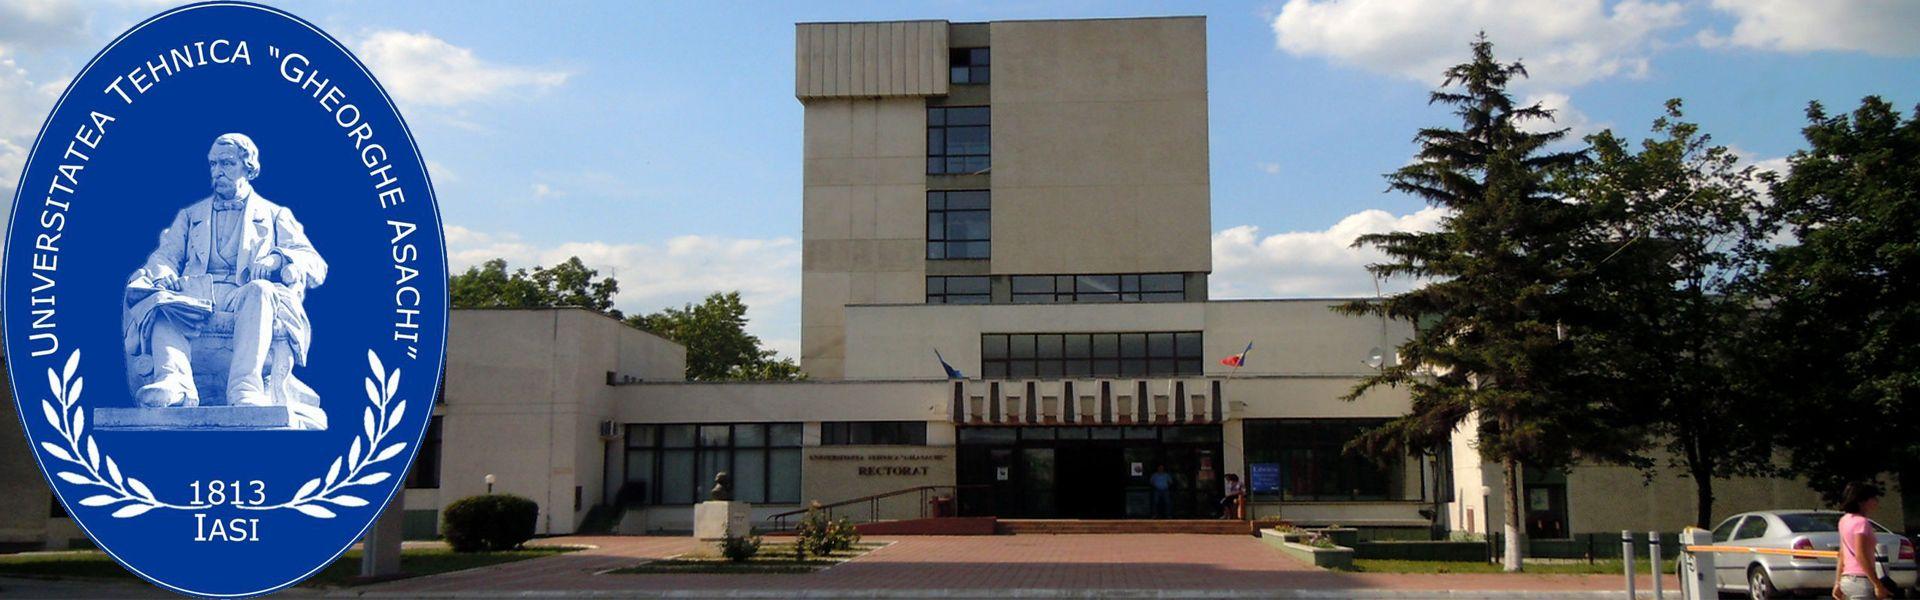 Universitatea Tehnică Gheorghe Asachi In Iași Iași European Countries Istanbul Landmarks